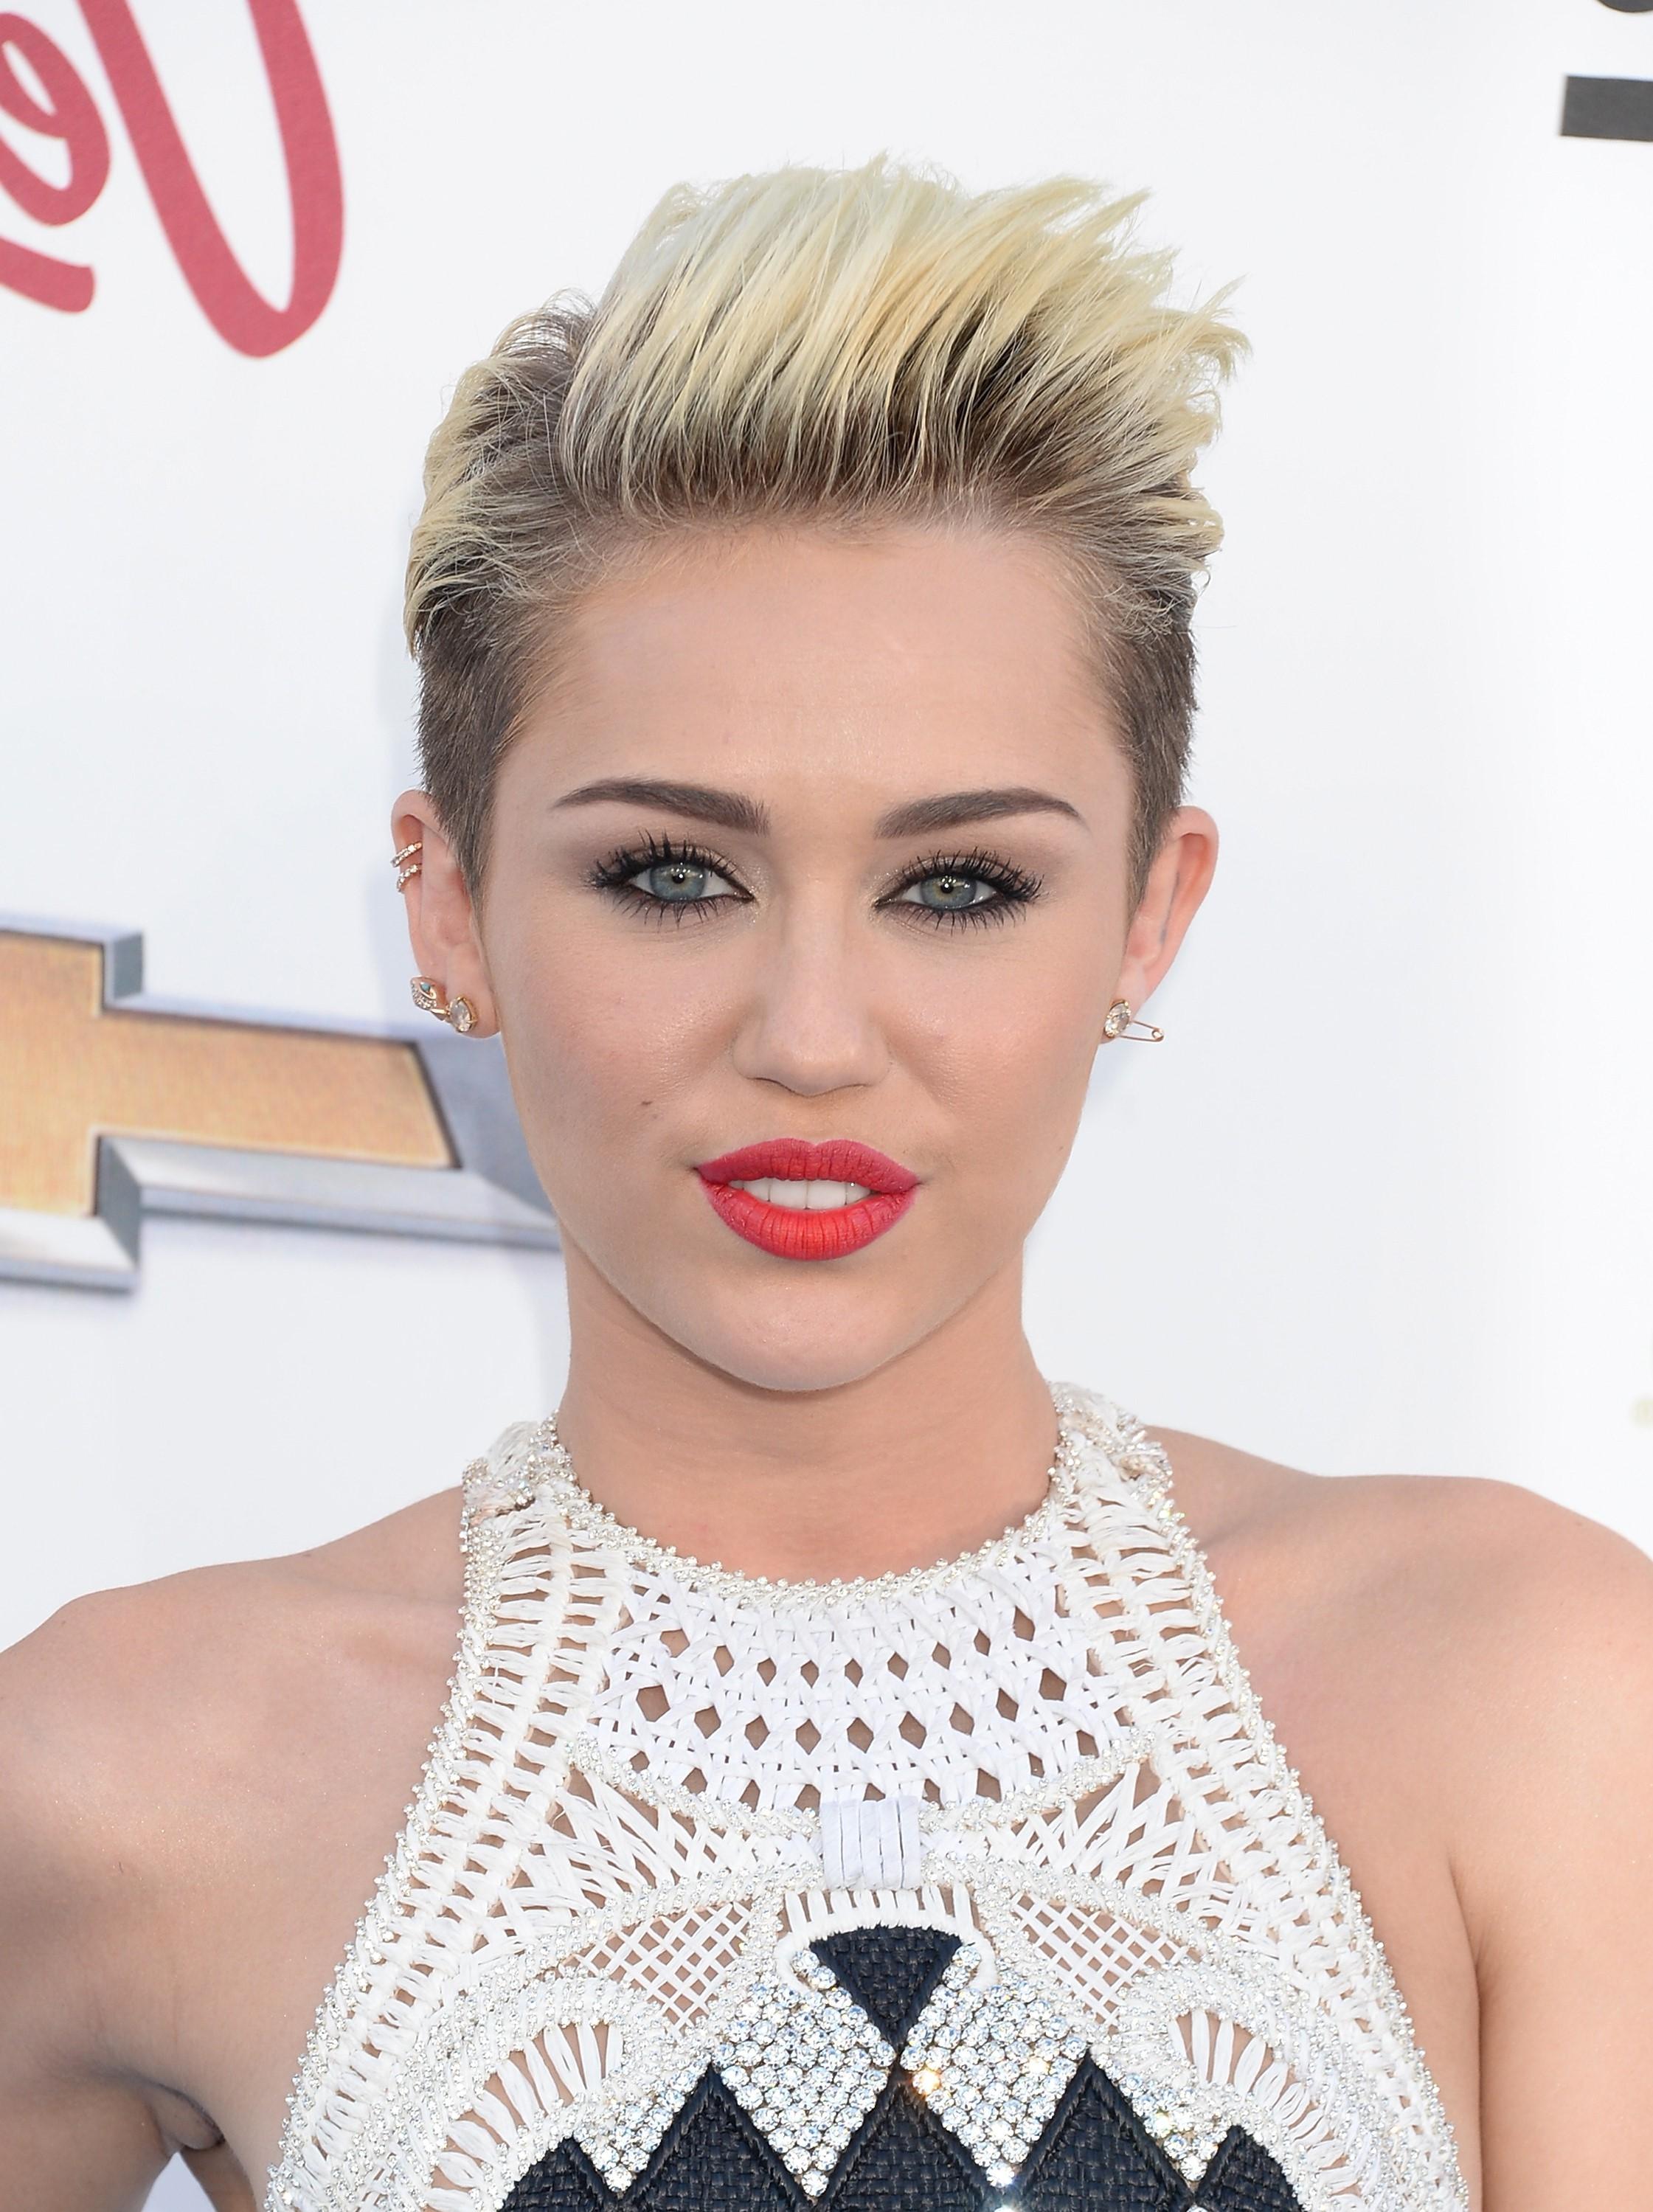 Pour obtenir le look de Miley Cyrus, on recommande d'utiliser un produit léger pour le volume des cheveux et de les soulever doucement avec les doigts pendant le séchage.